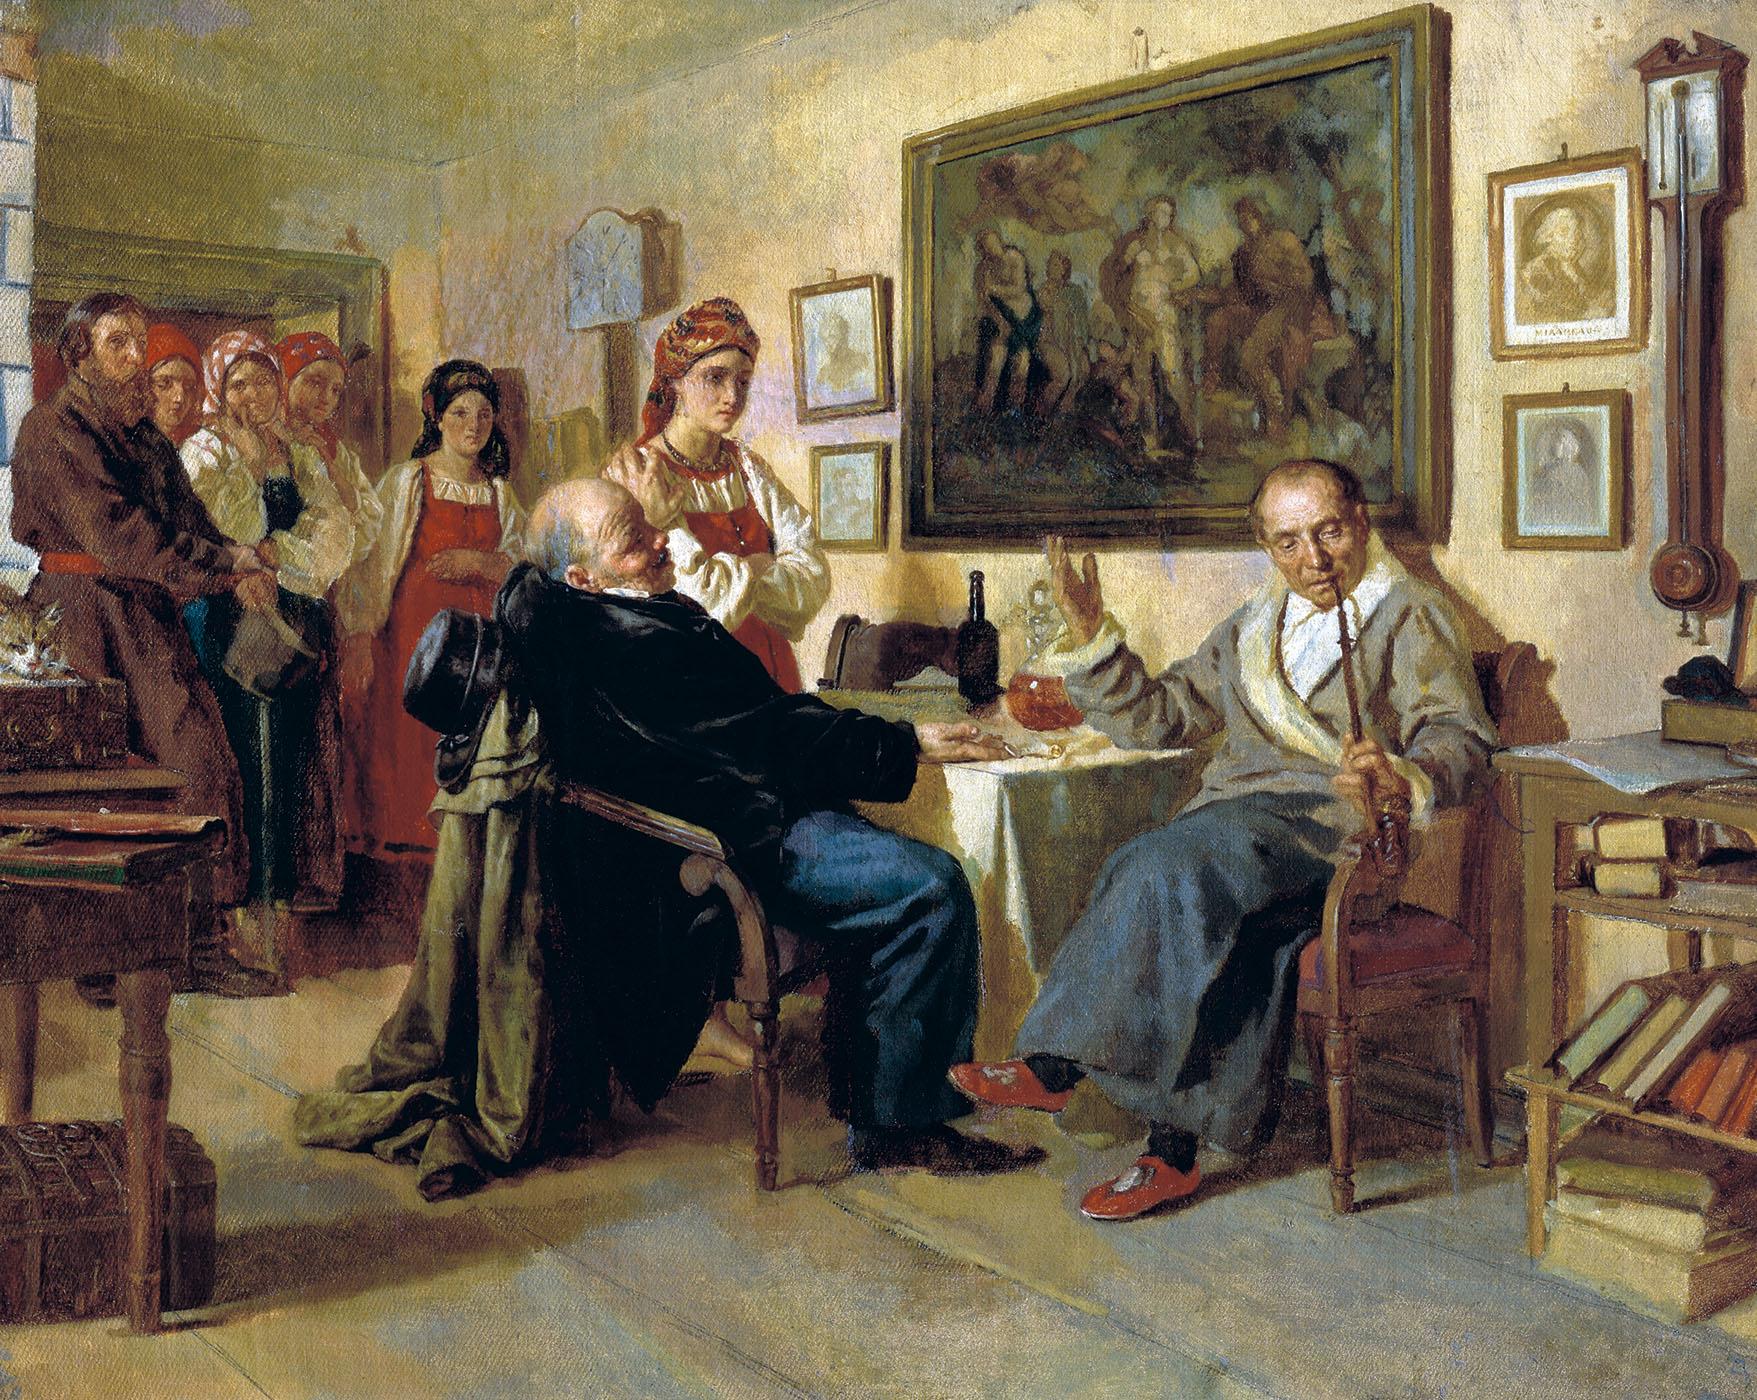 Картина русского художника Николая Неврева Торг